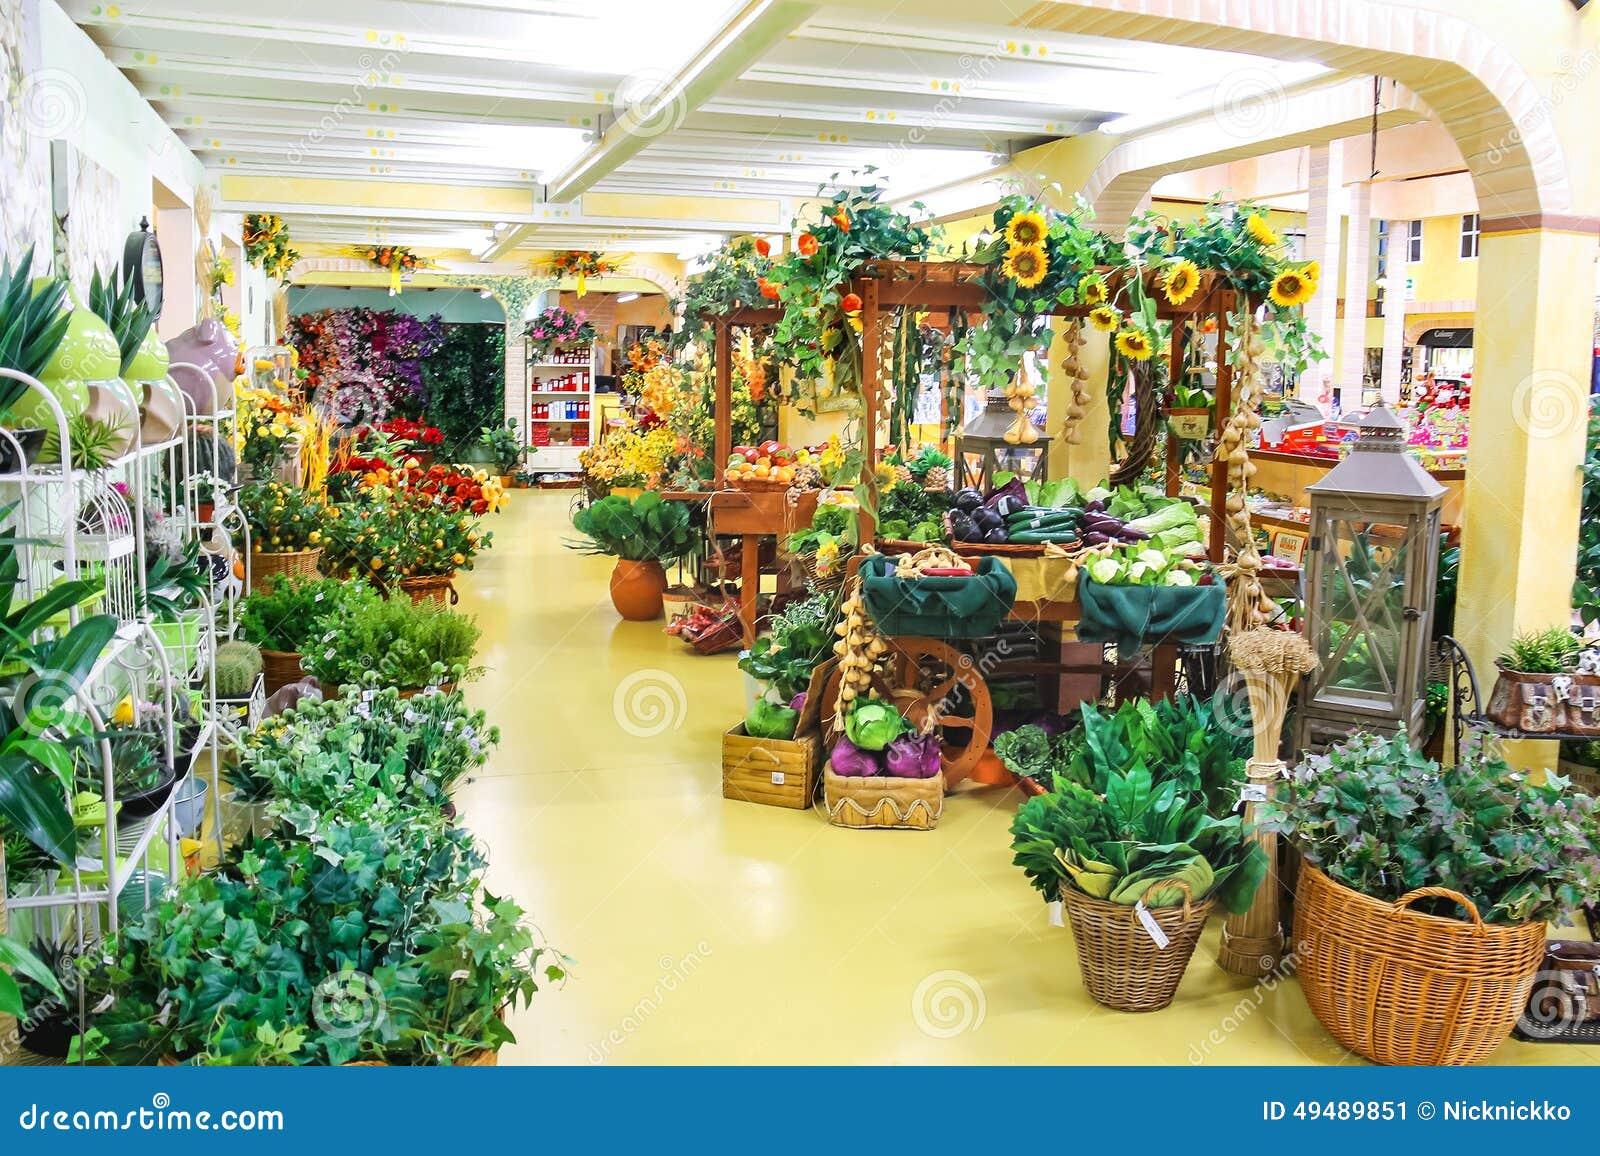 Ornamental plants in the garden center mondoverde taneto for Idea center dilshad garden